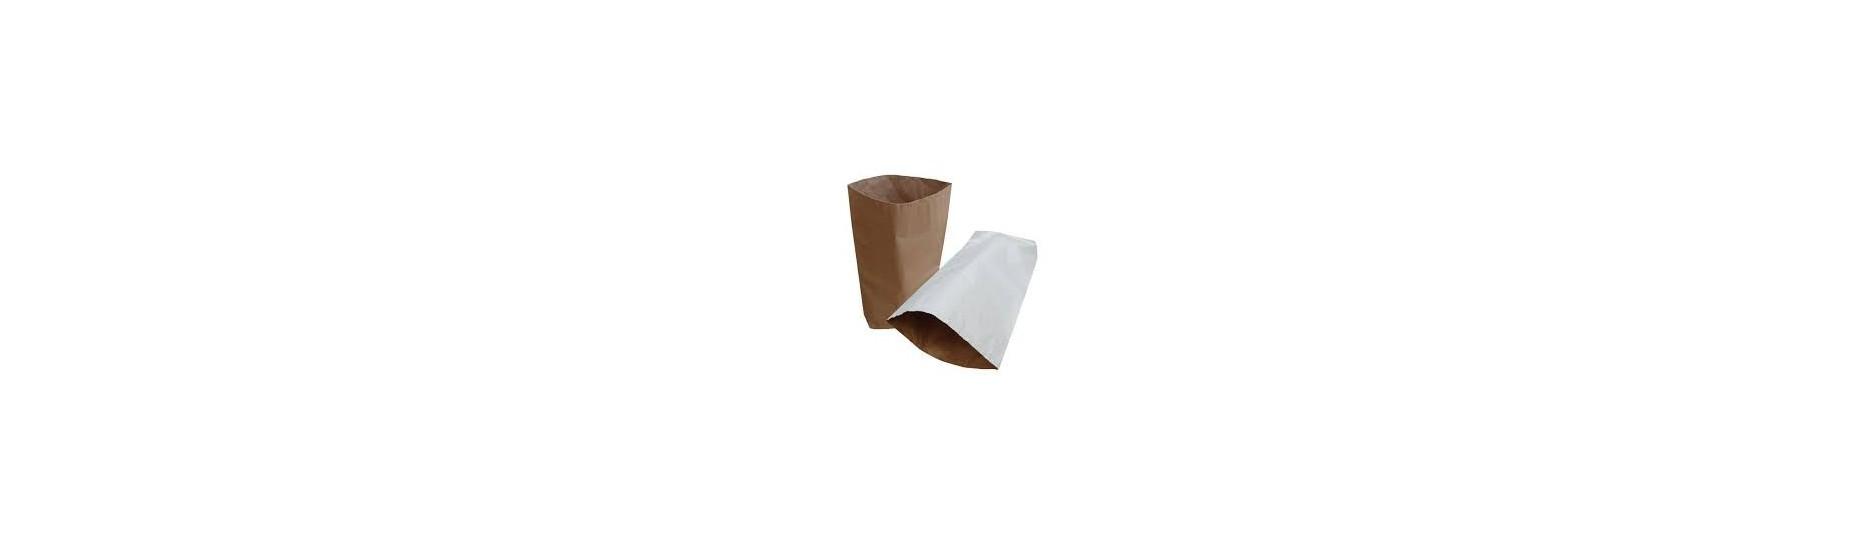 Papírové pytle s PE vložkou - jedná se o papírové pytle z vrstvou HDPE či LDPE folie